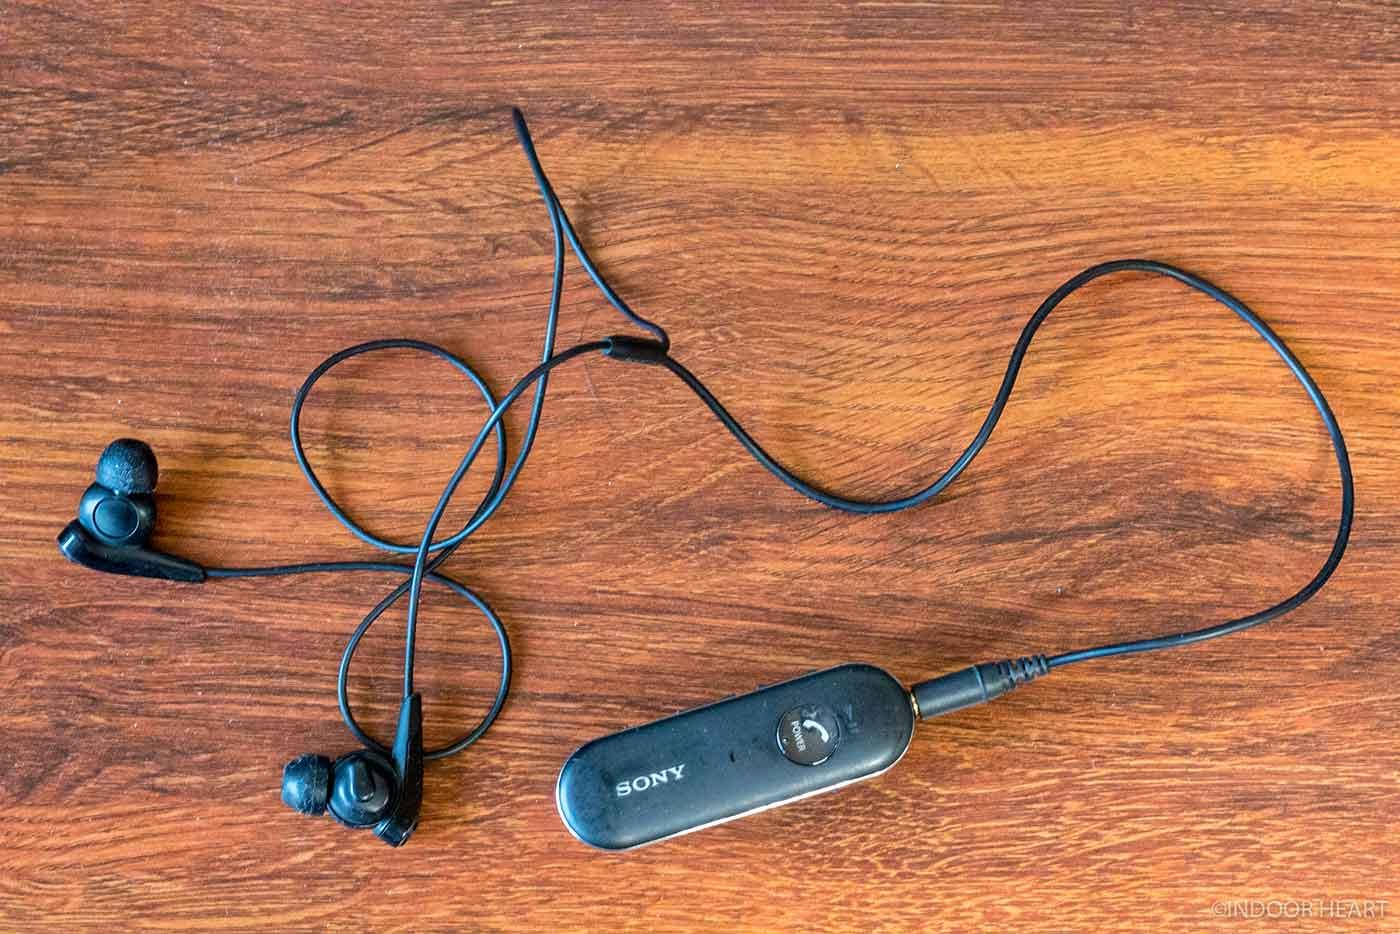 ソニーのノイズキャンセリングイヤホン「MDR-EX31BN」